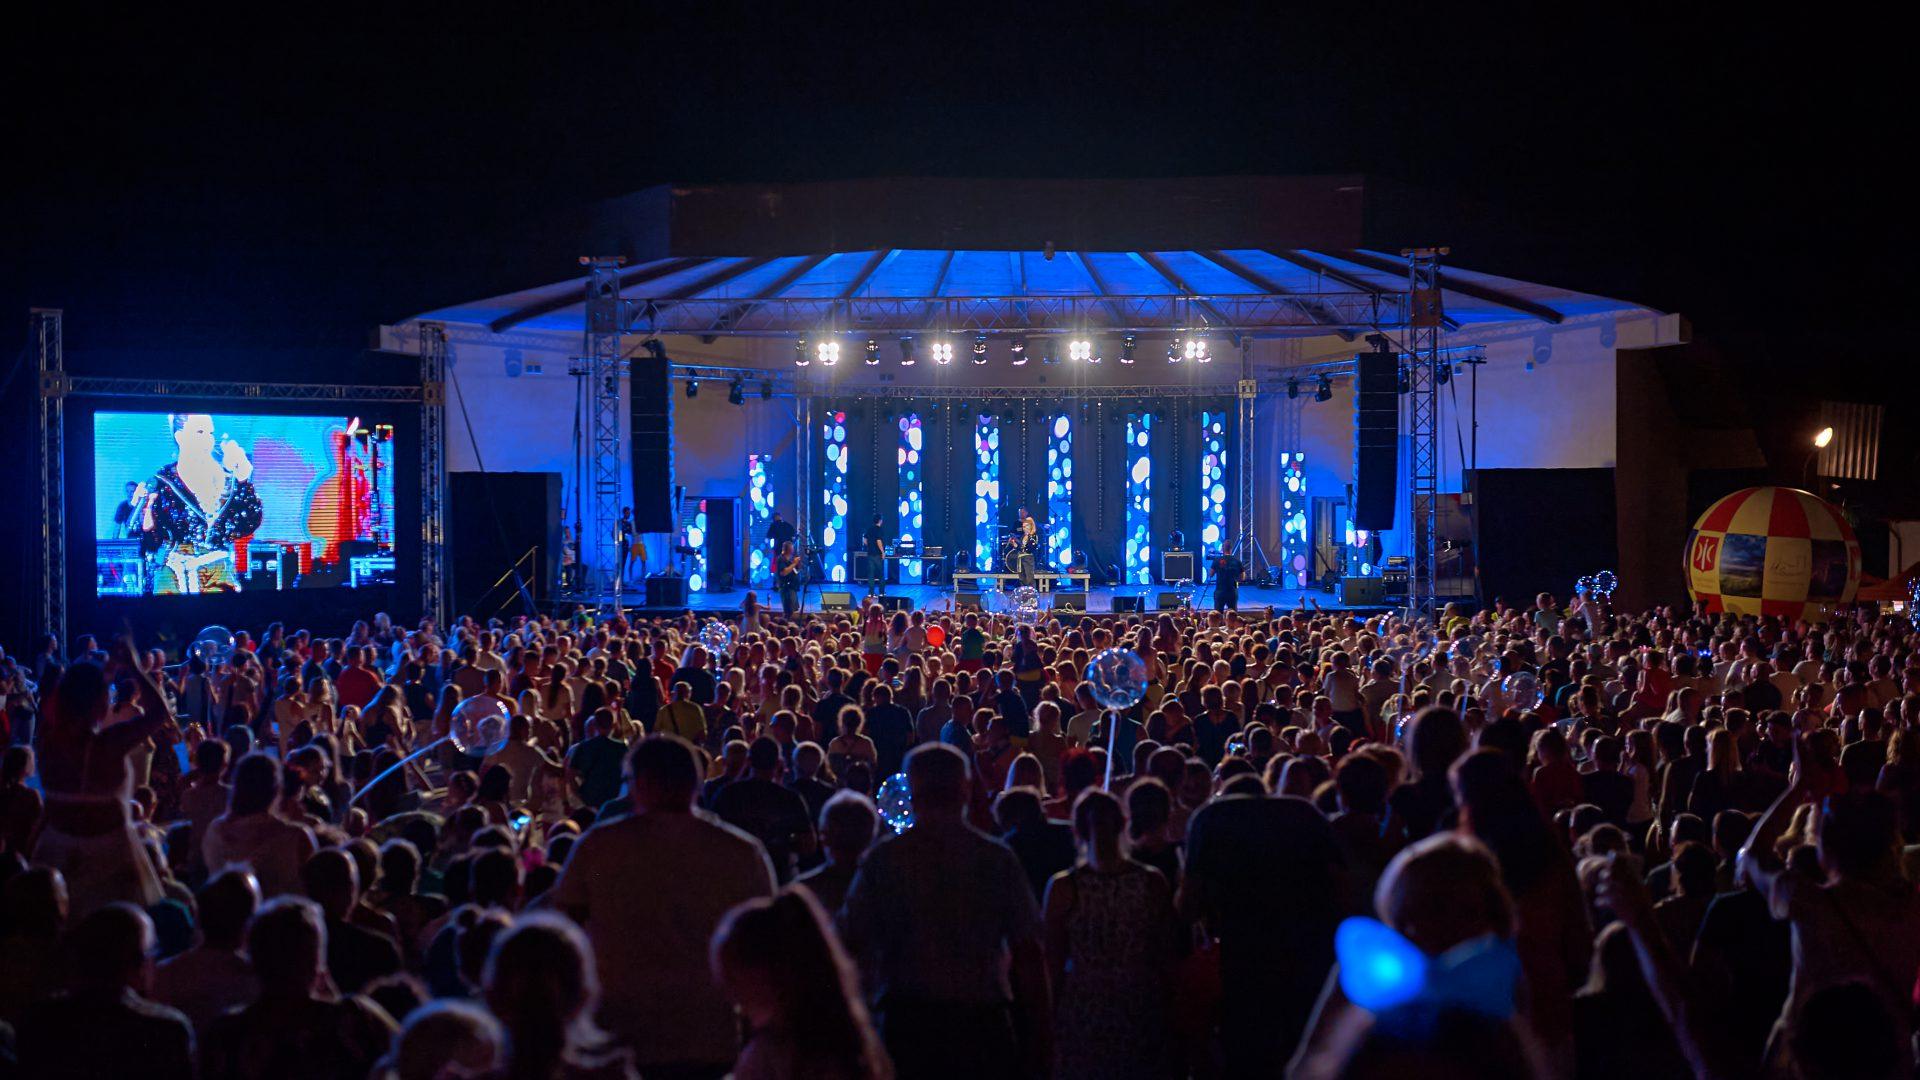 Koncert w amfiteatrze. Summer Hot Disco